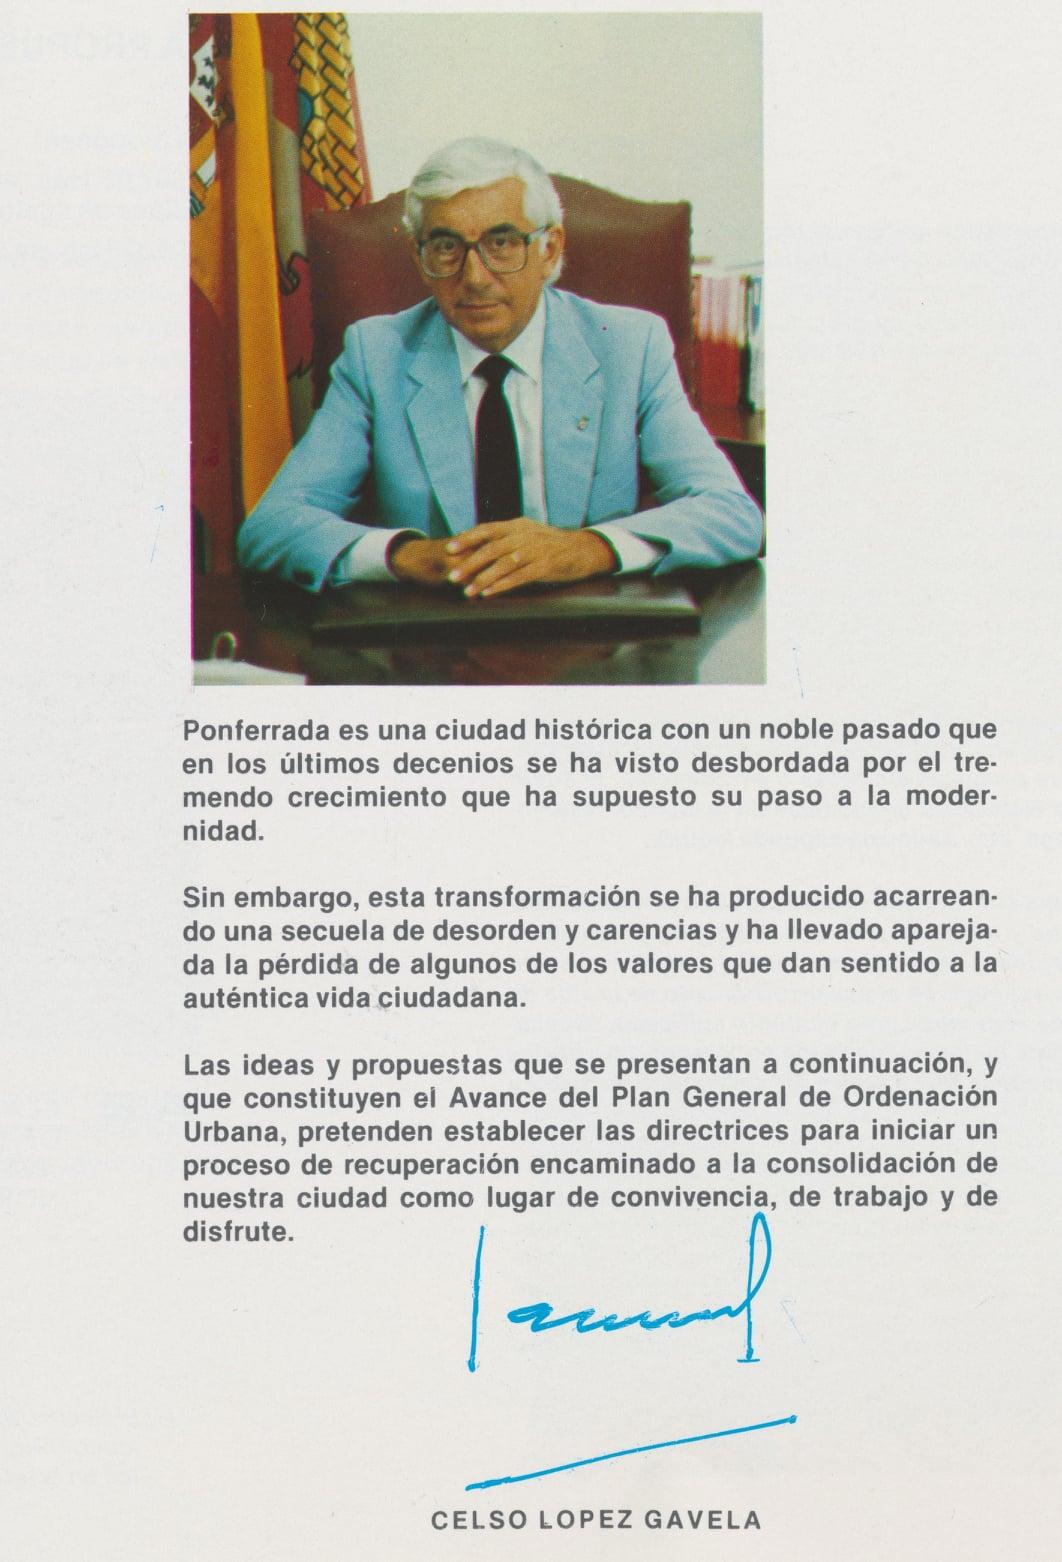 Así soñaba la Ponferrada de Celso López Gavela en 1986, como sería la ciudad en el año 2000 3